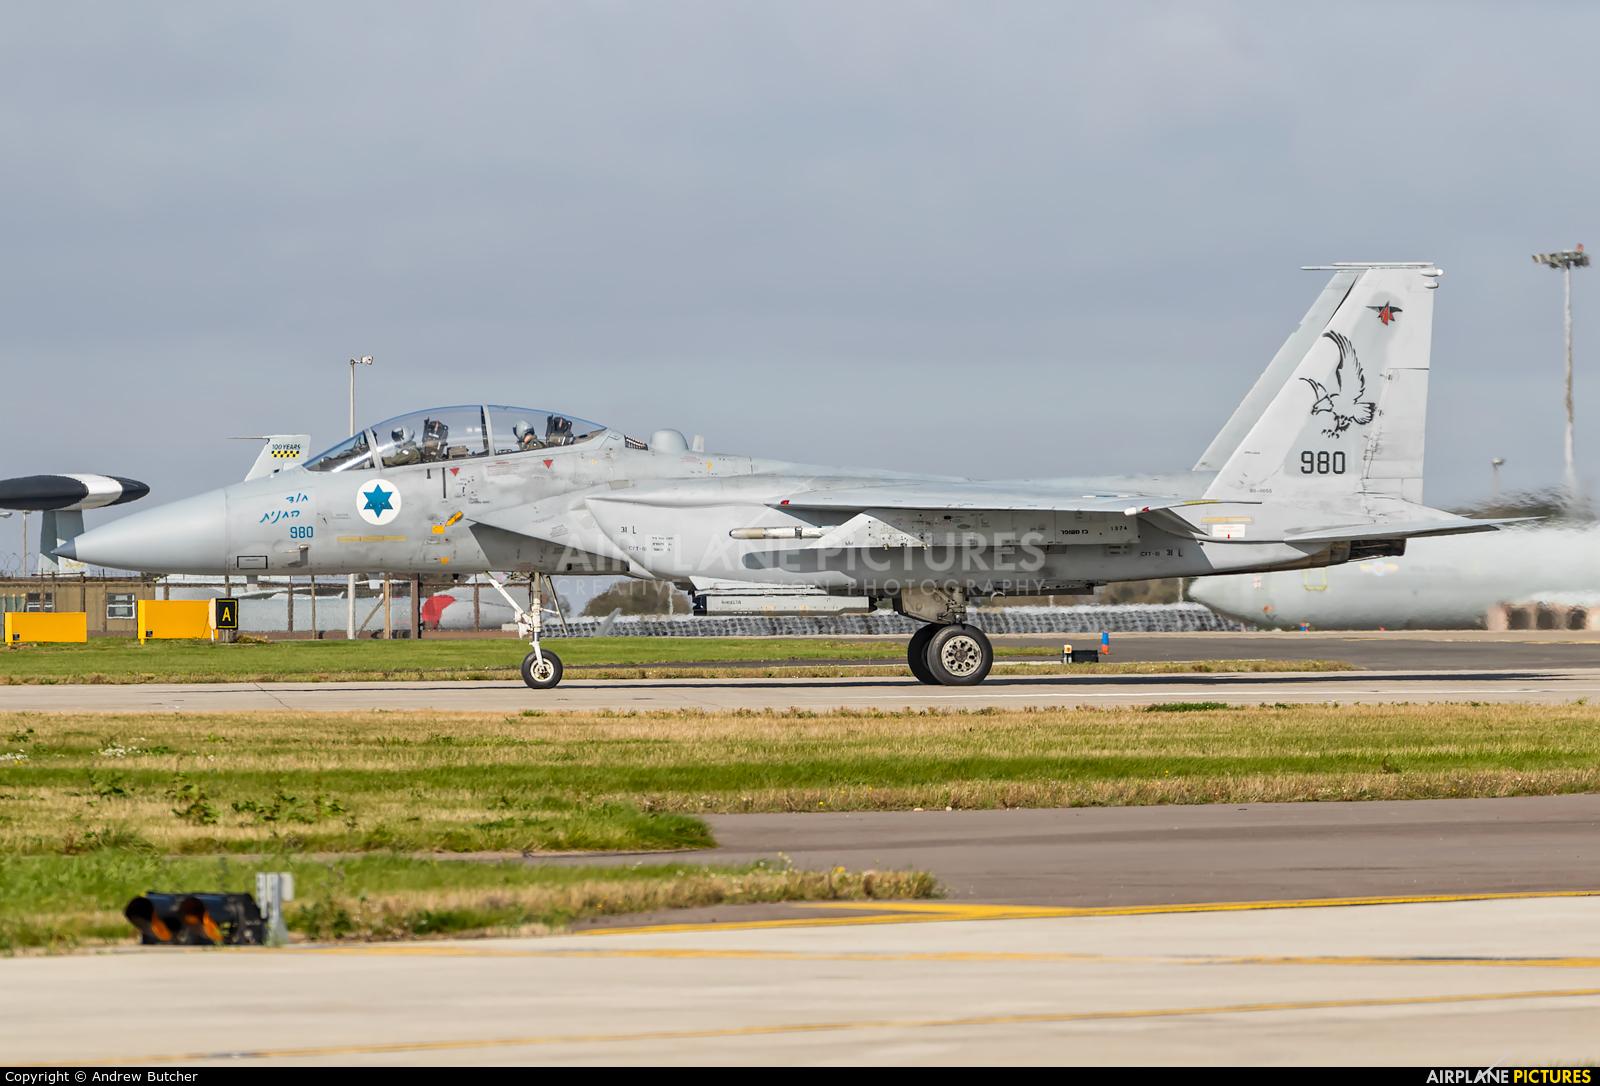 Israel - Defence Force 980 aircraft at Waddington